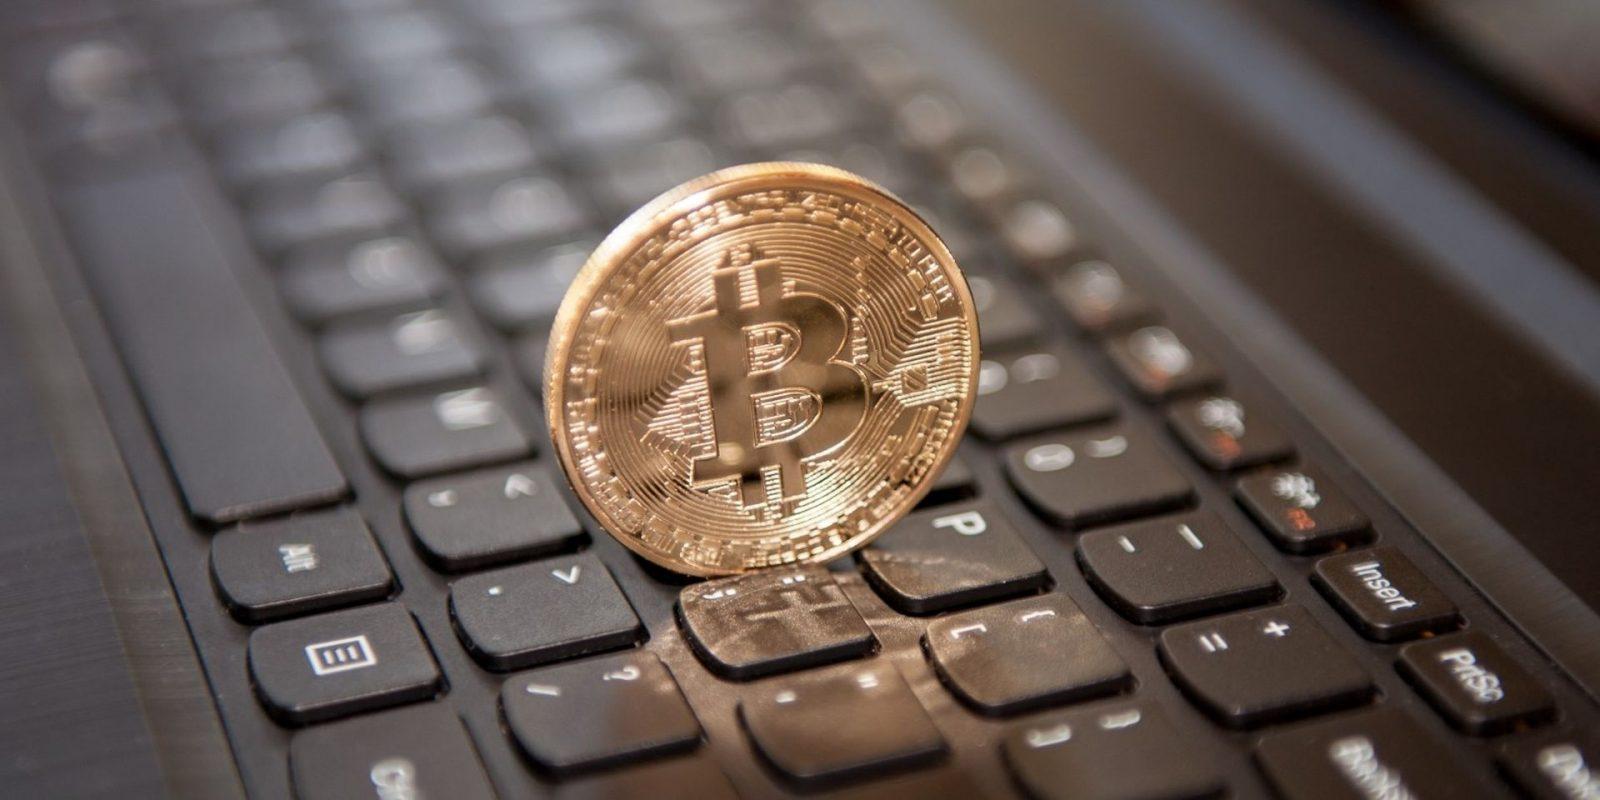 Facebook protegge gli utenti dalle truffe sui Bitcoin - Facebook protegge gli utenti dalle truffe sui Bitcoin: ecco perchè e come lo fa